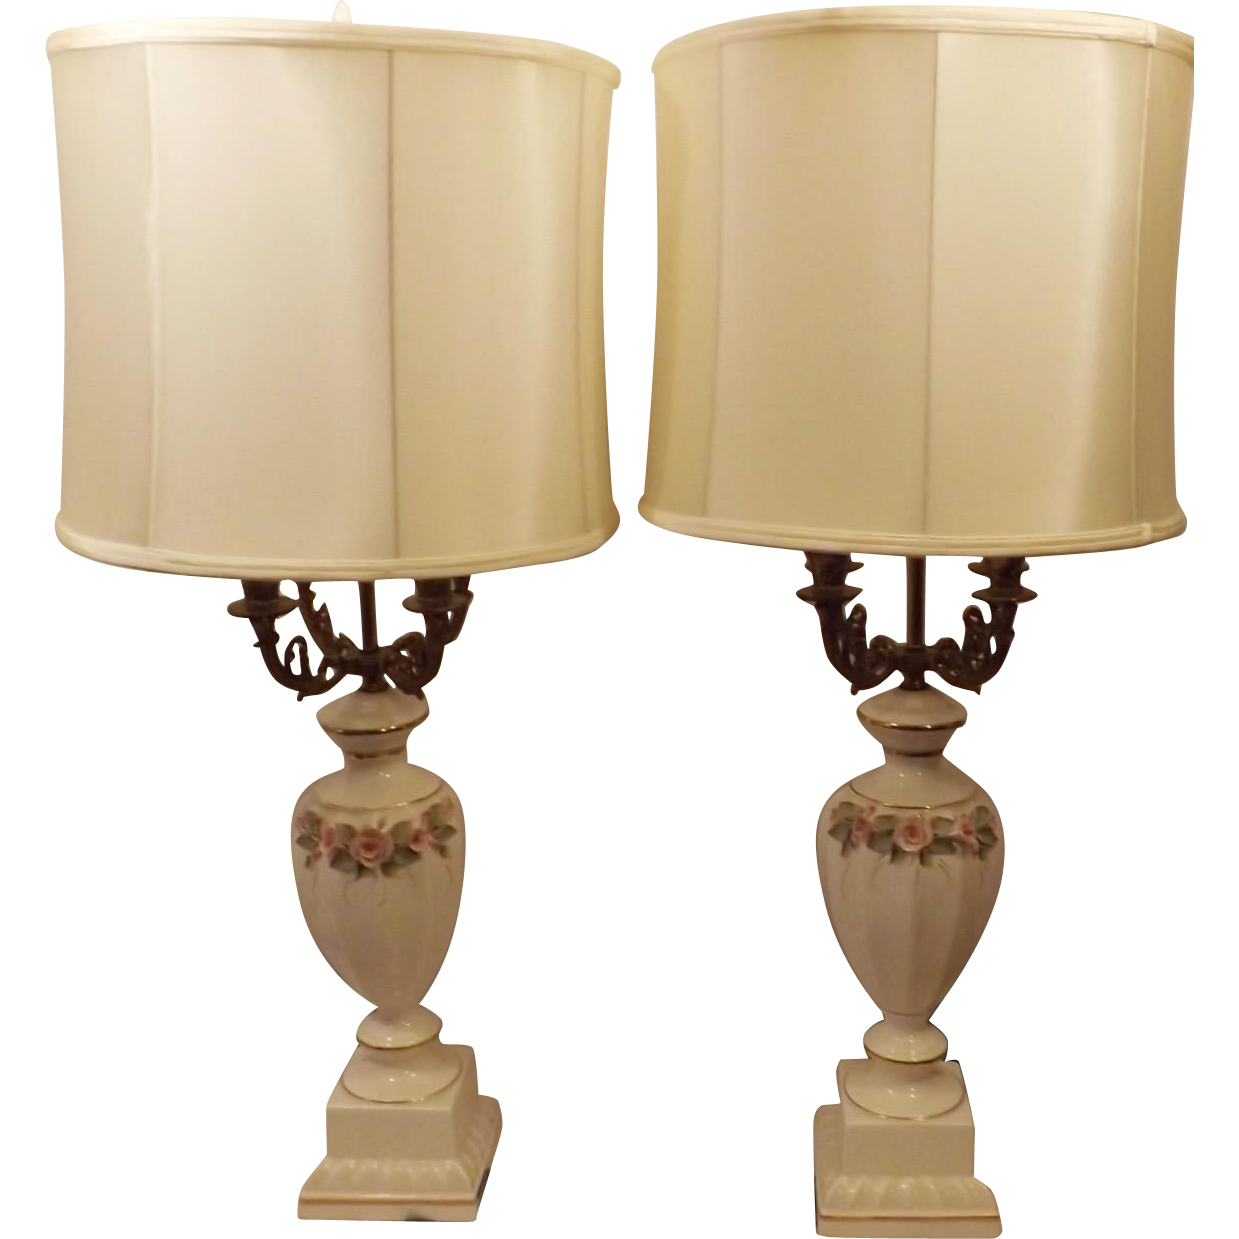 Vintage French Porcelain Candelabra Lamps W Original Shades Lamp Vintage Table Lamp French Vintage